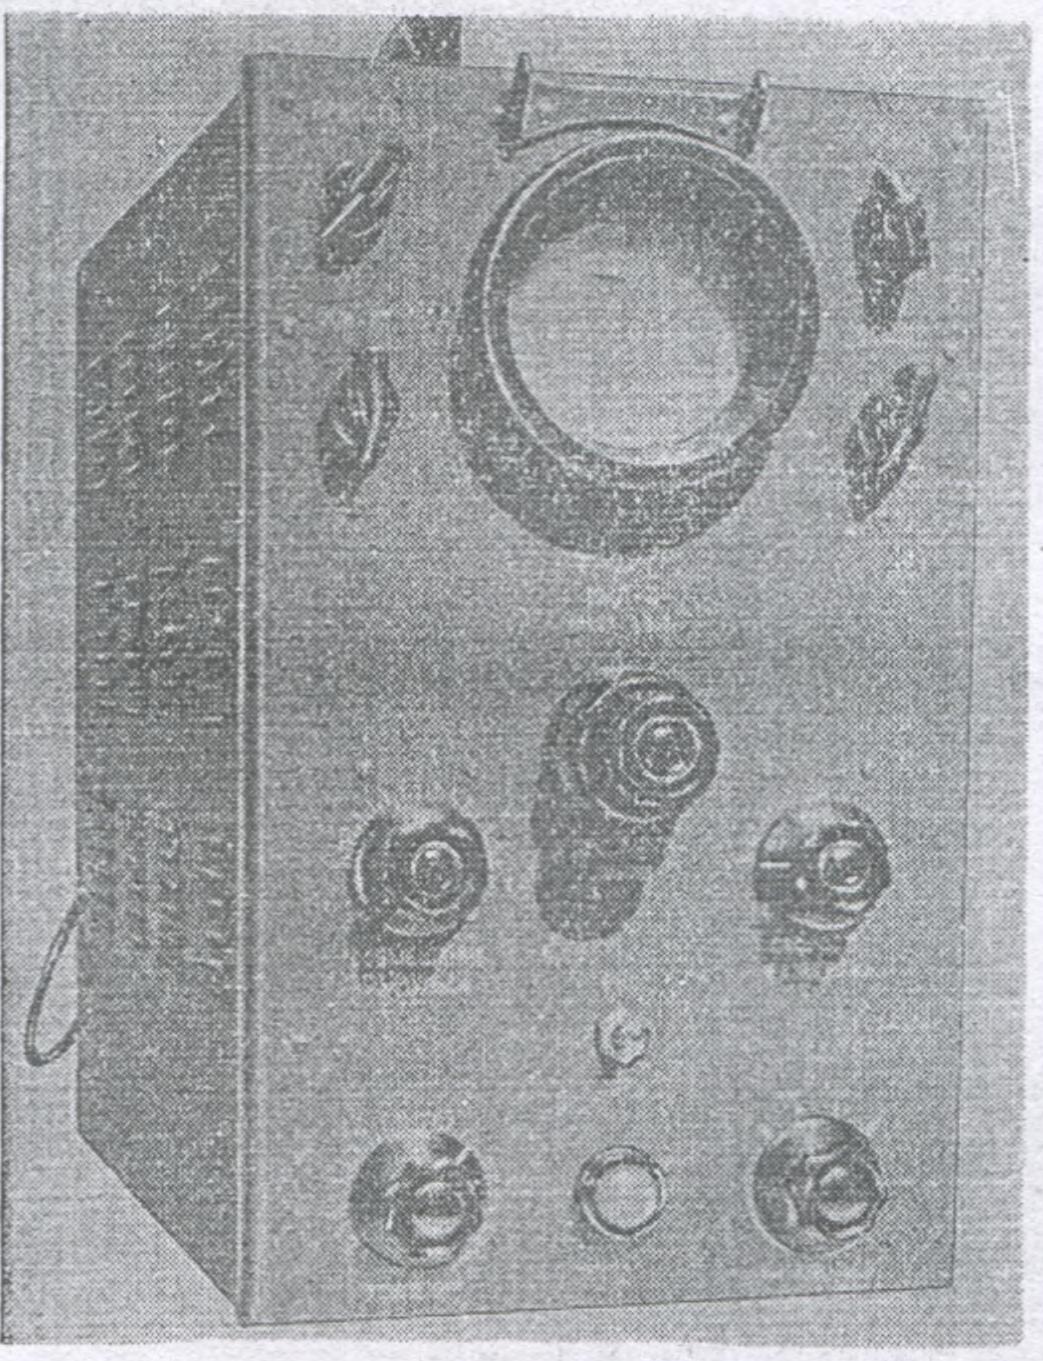 Прибор ИКЛ-4. Общий вид прибора с лицевой стороны